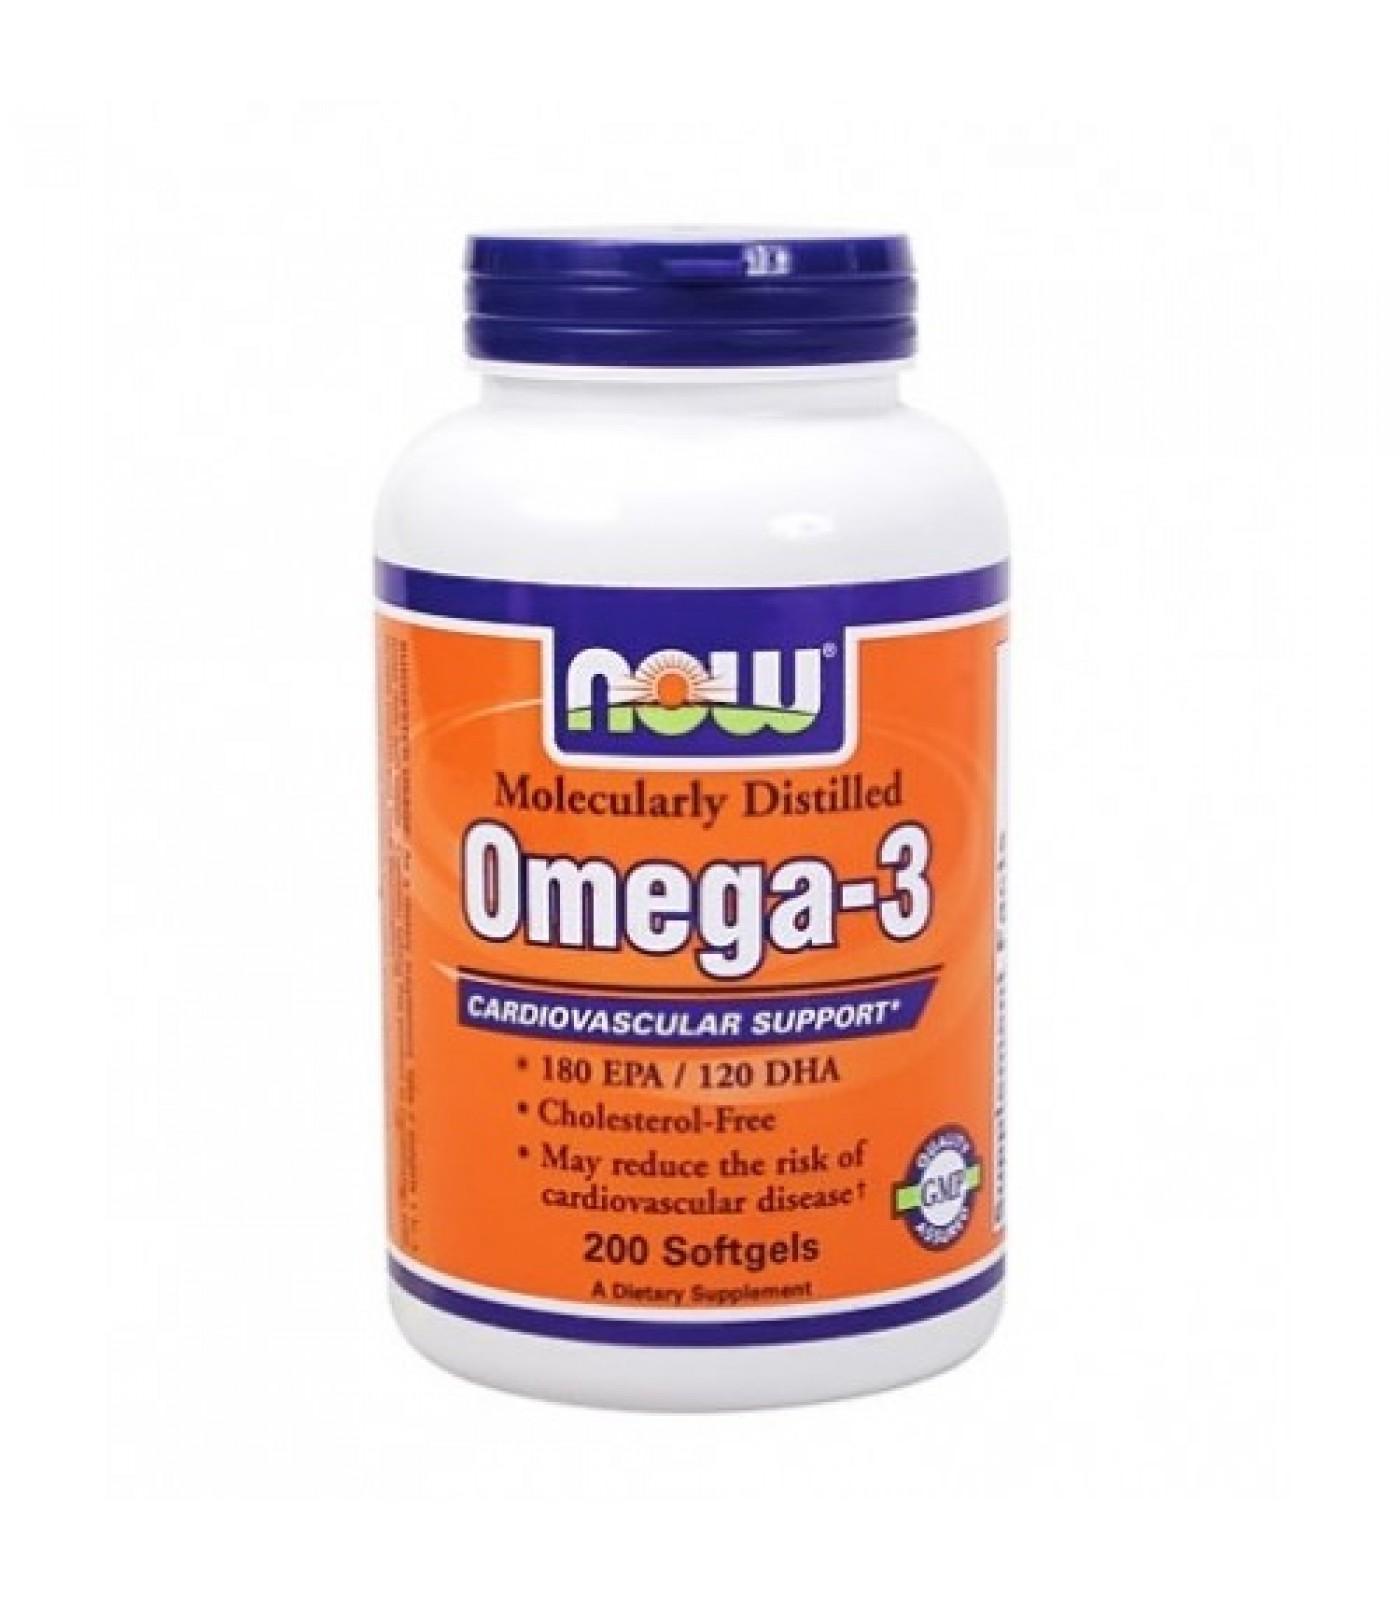 NOW - Omega 3 Fish Oil 1000 mg. / 200 Softgels